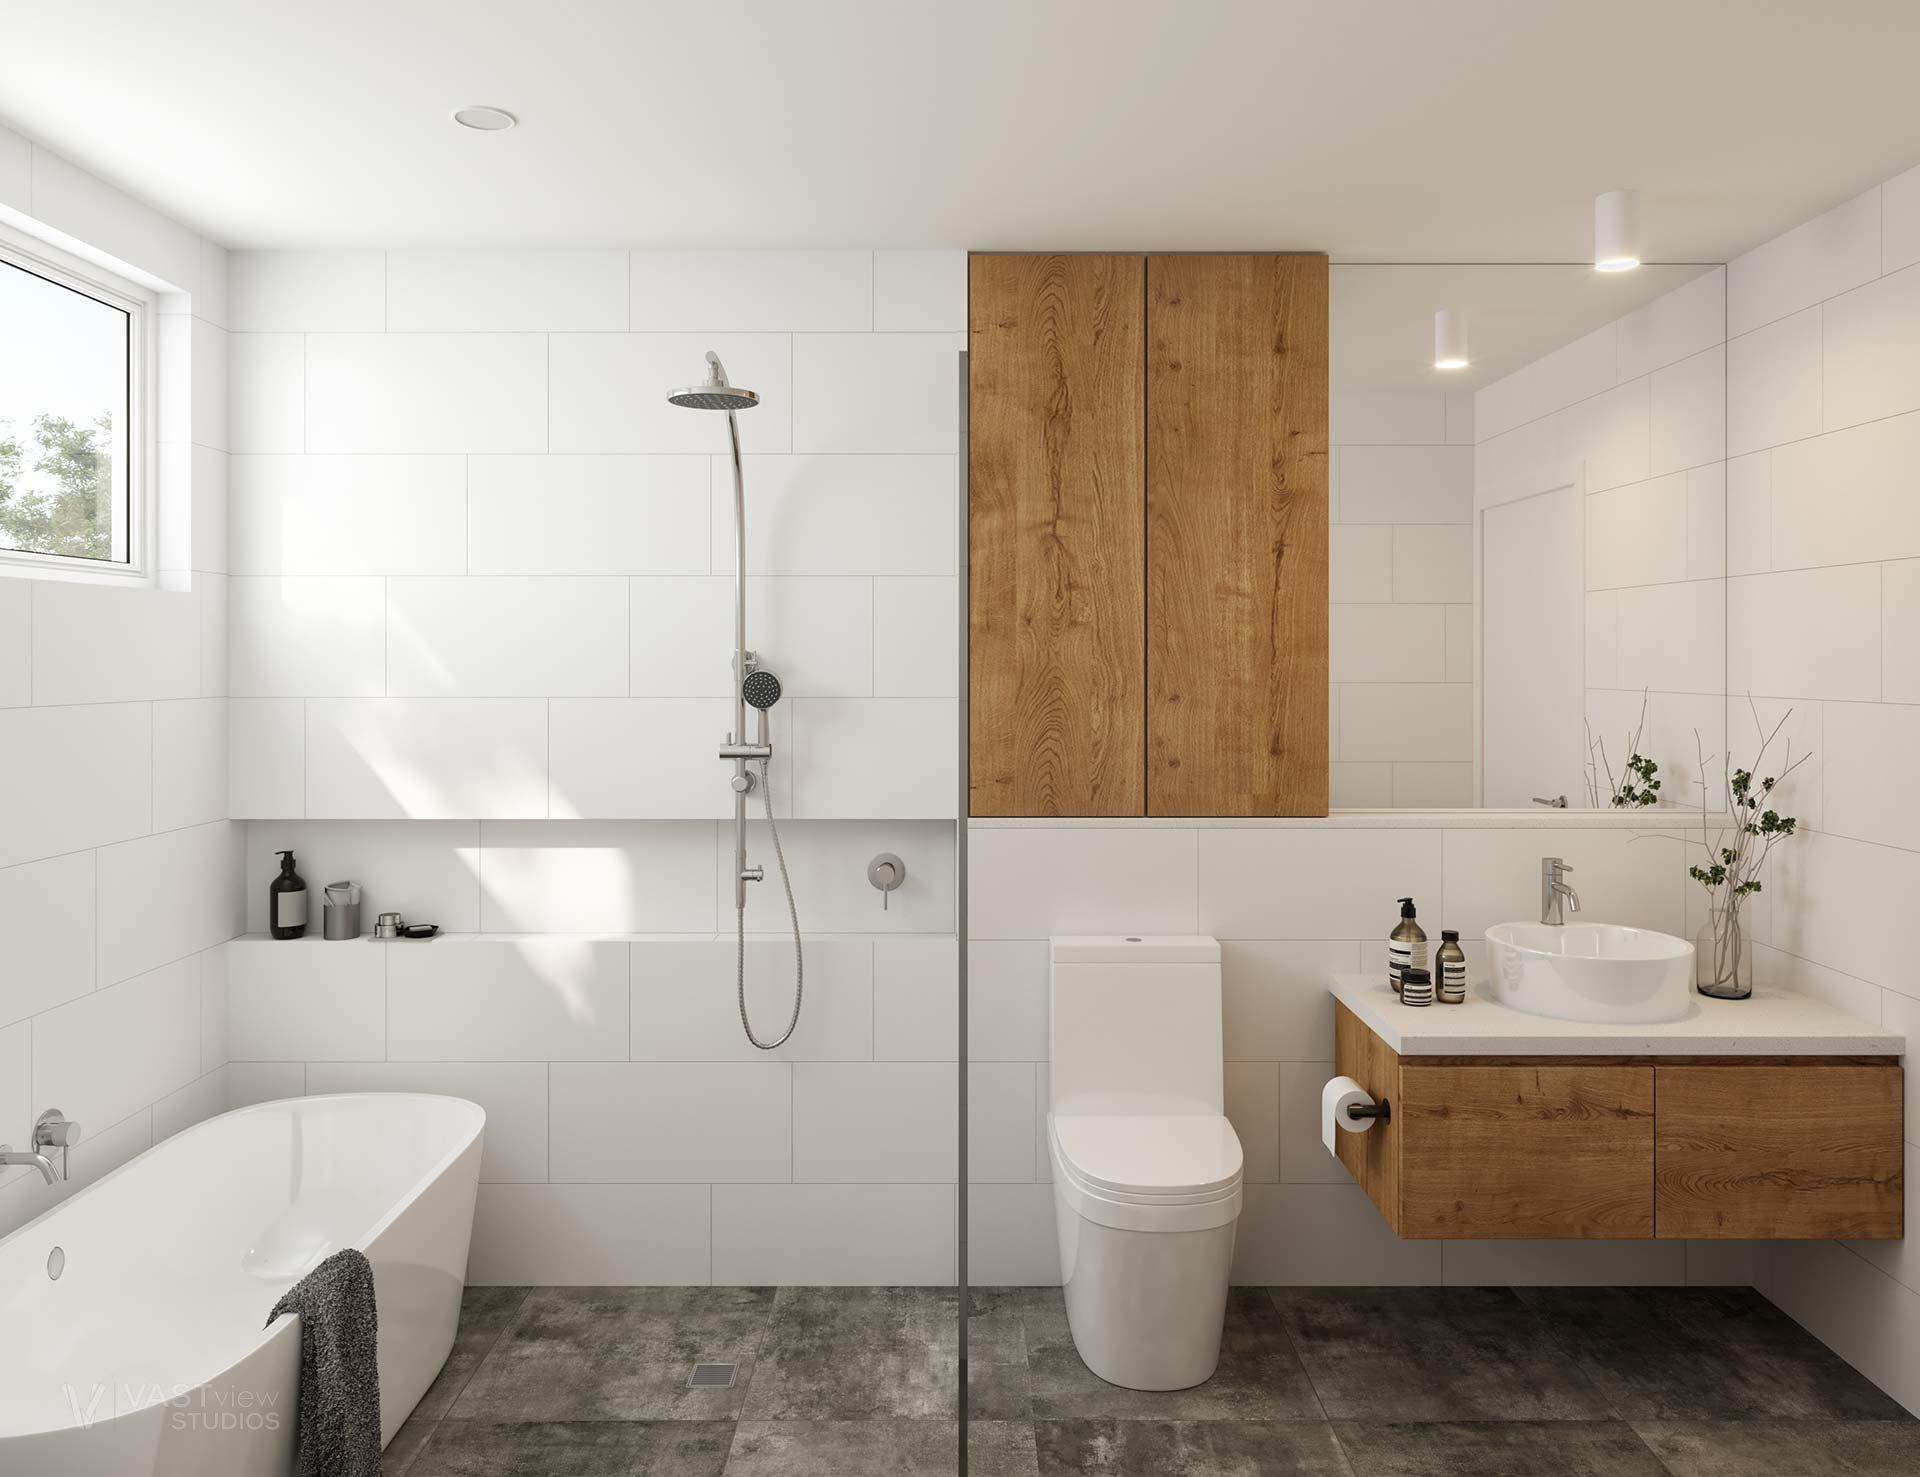 MaySt_Bathroom_FinalRender_v1